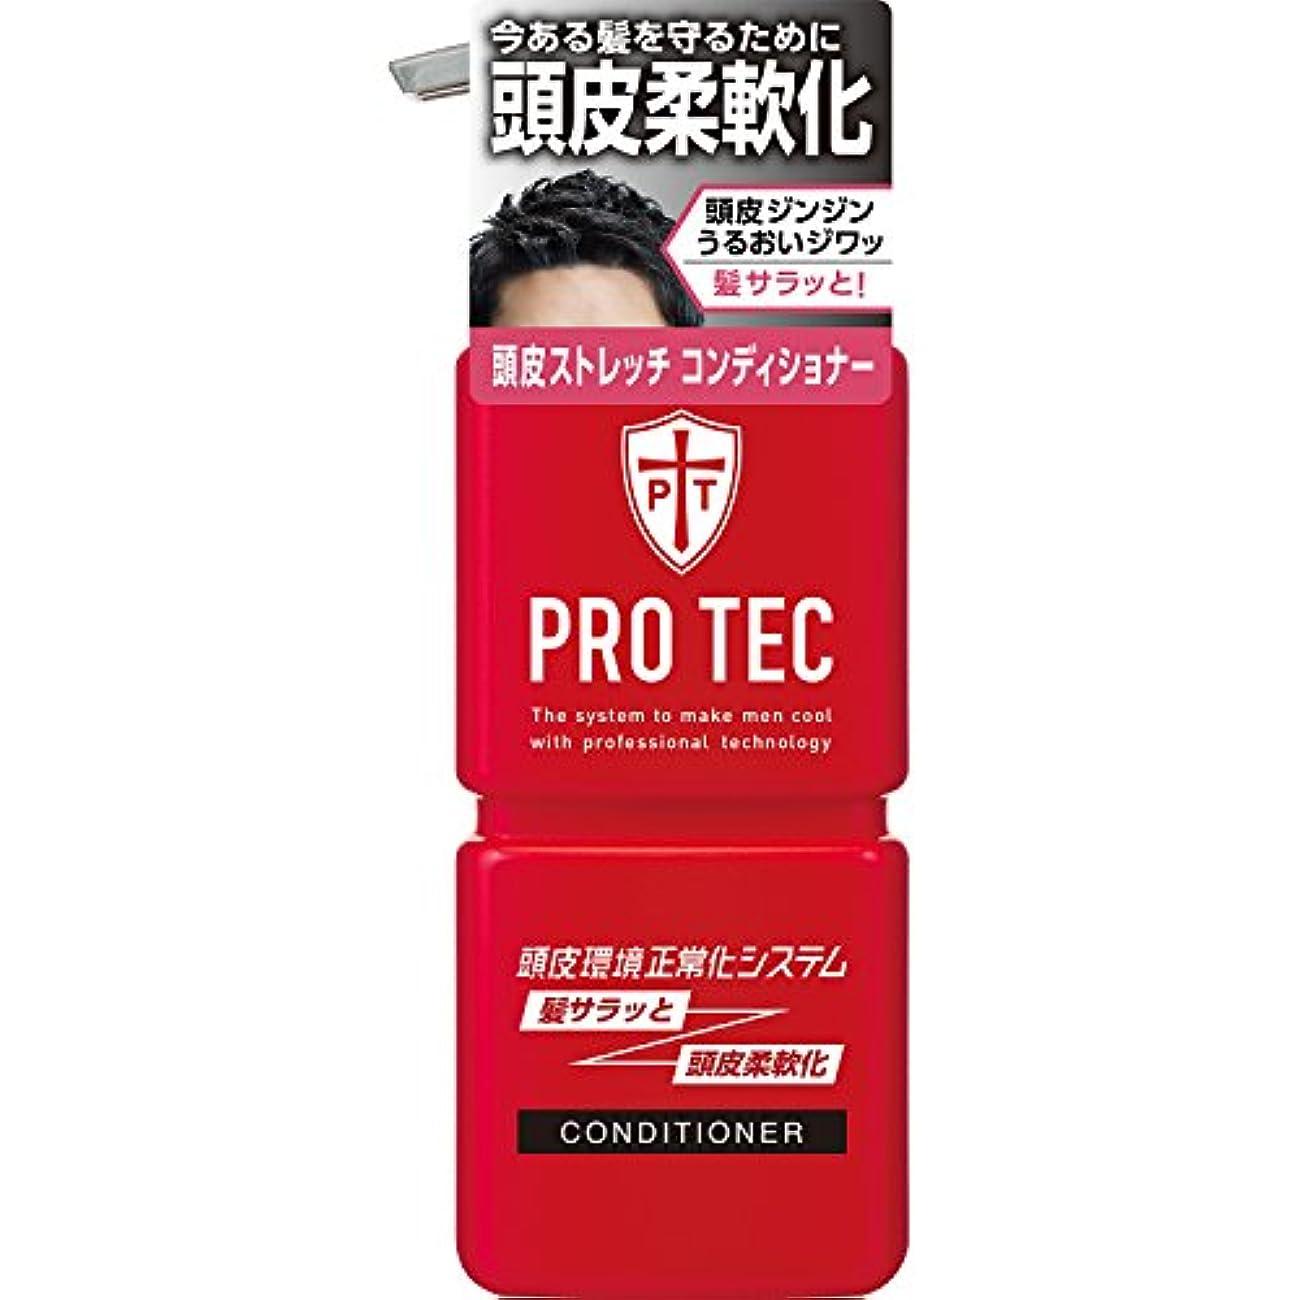 感謝祭一見盆地PRO TEC(プロテク) 頭皮ストレッチ コンディショナー 本体ポンプ 300g